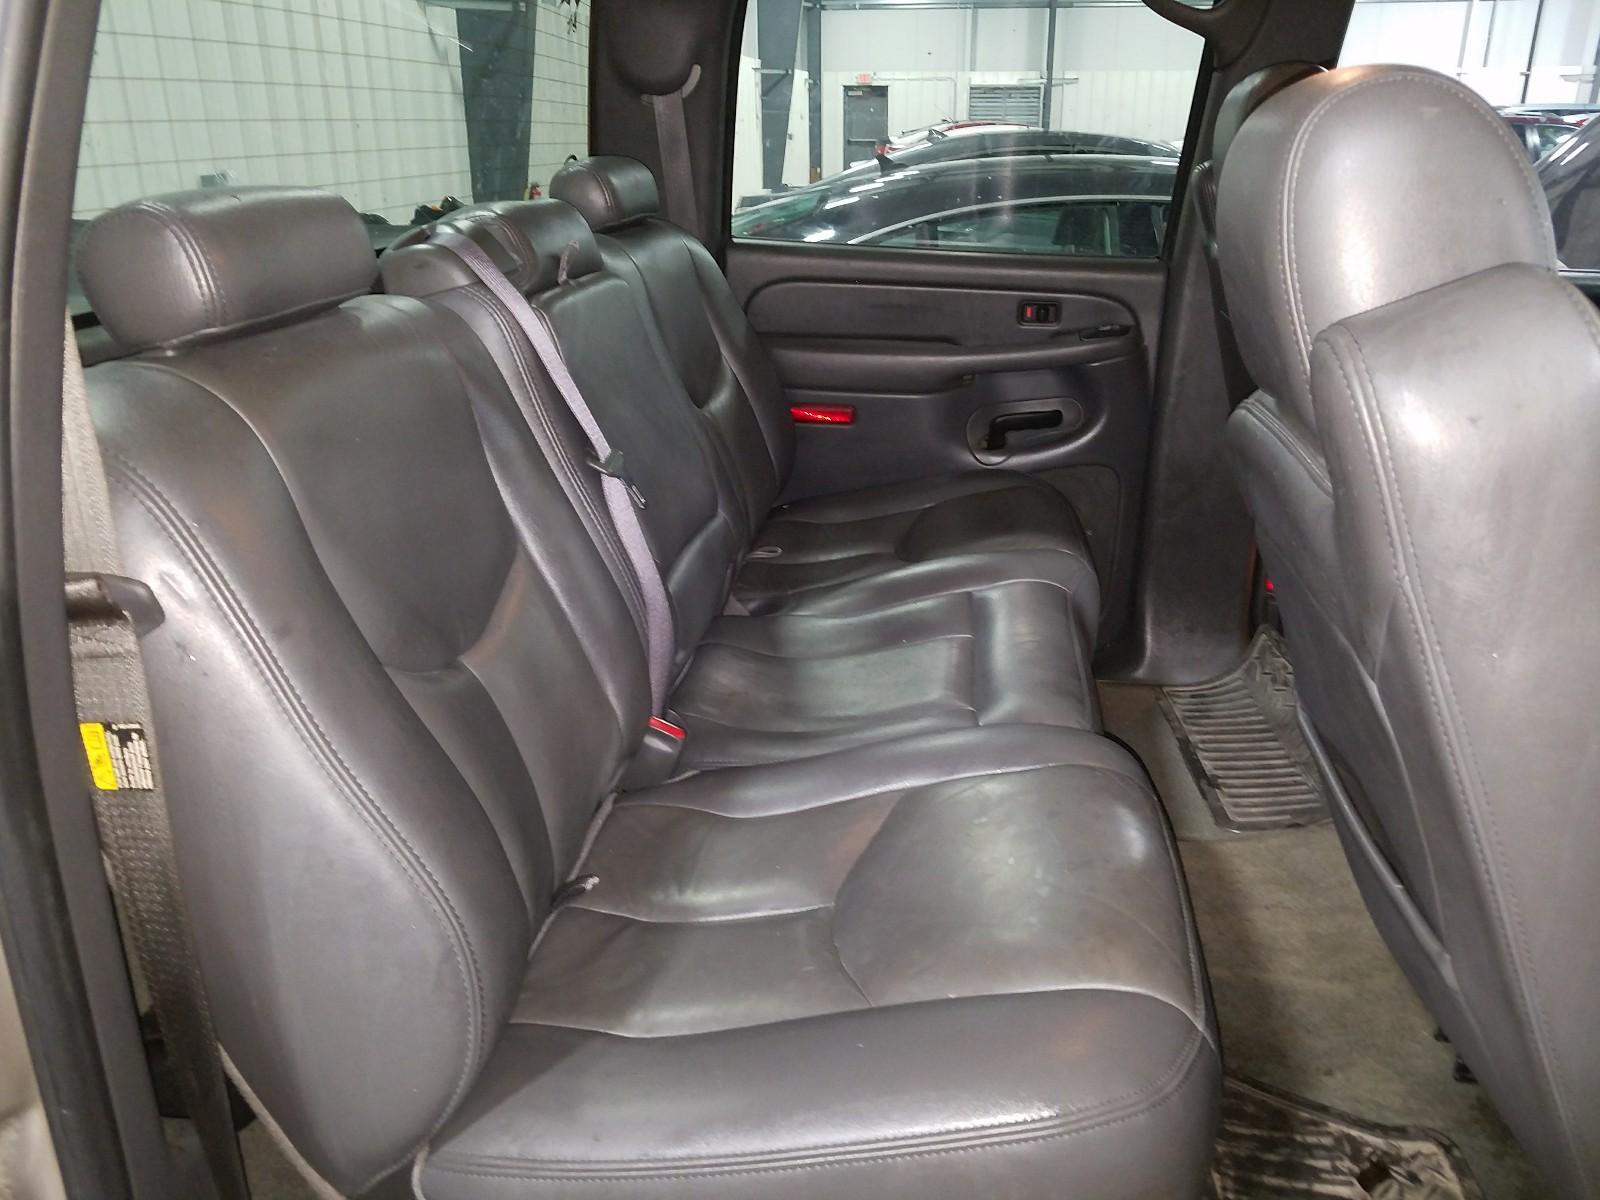 2GCEK13T861244276 - 2006 Chevrolet Silverado 5.3L detail view